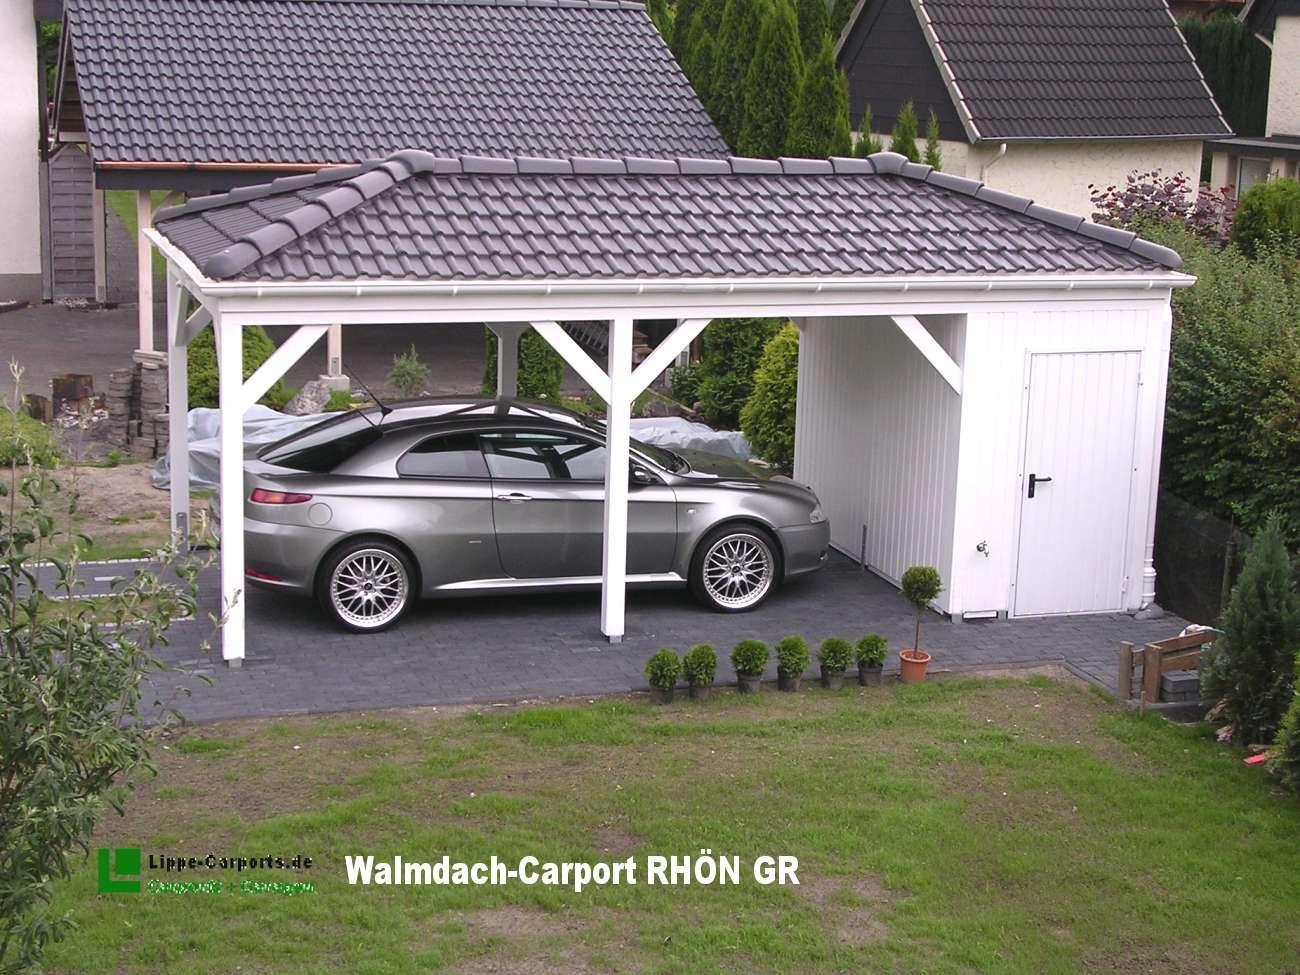 Walm und Satteldach Carport in Holz, Alu, Stahl